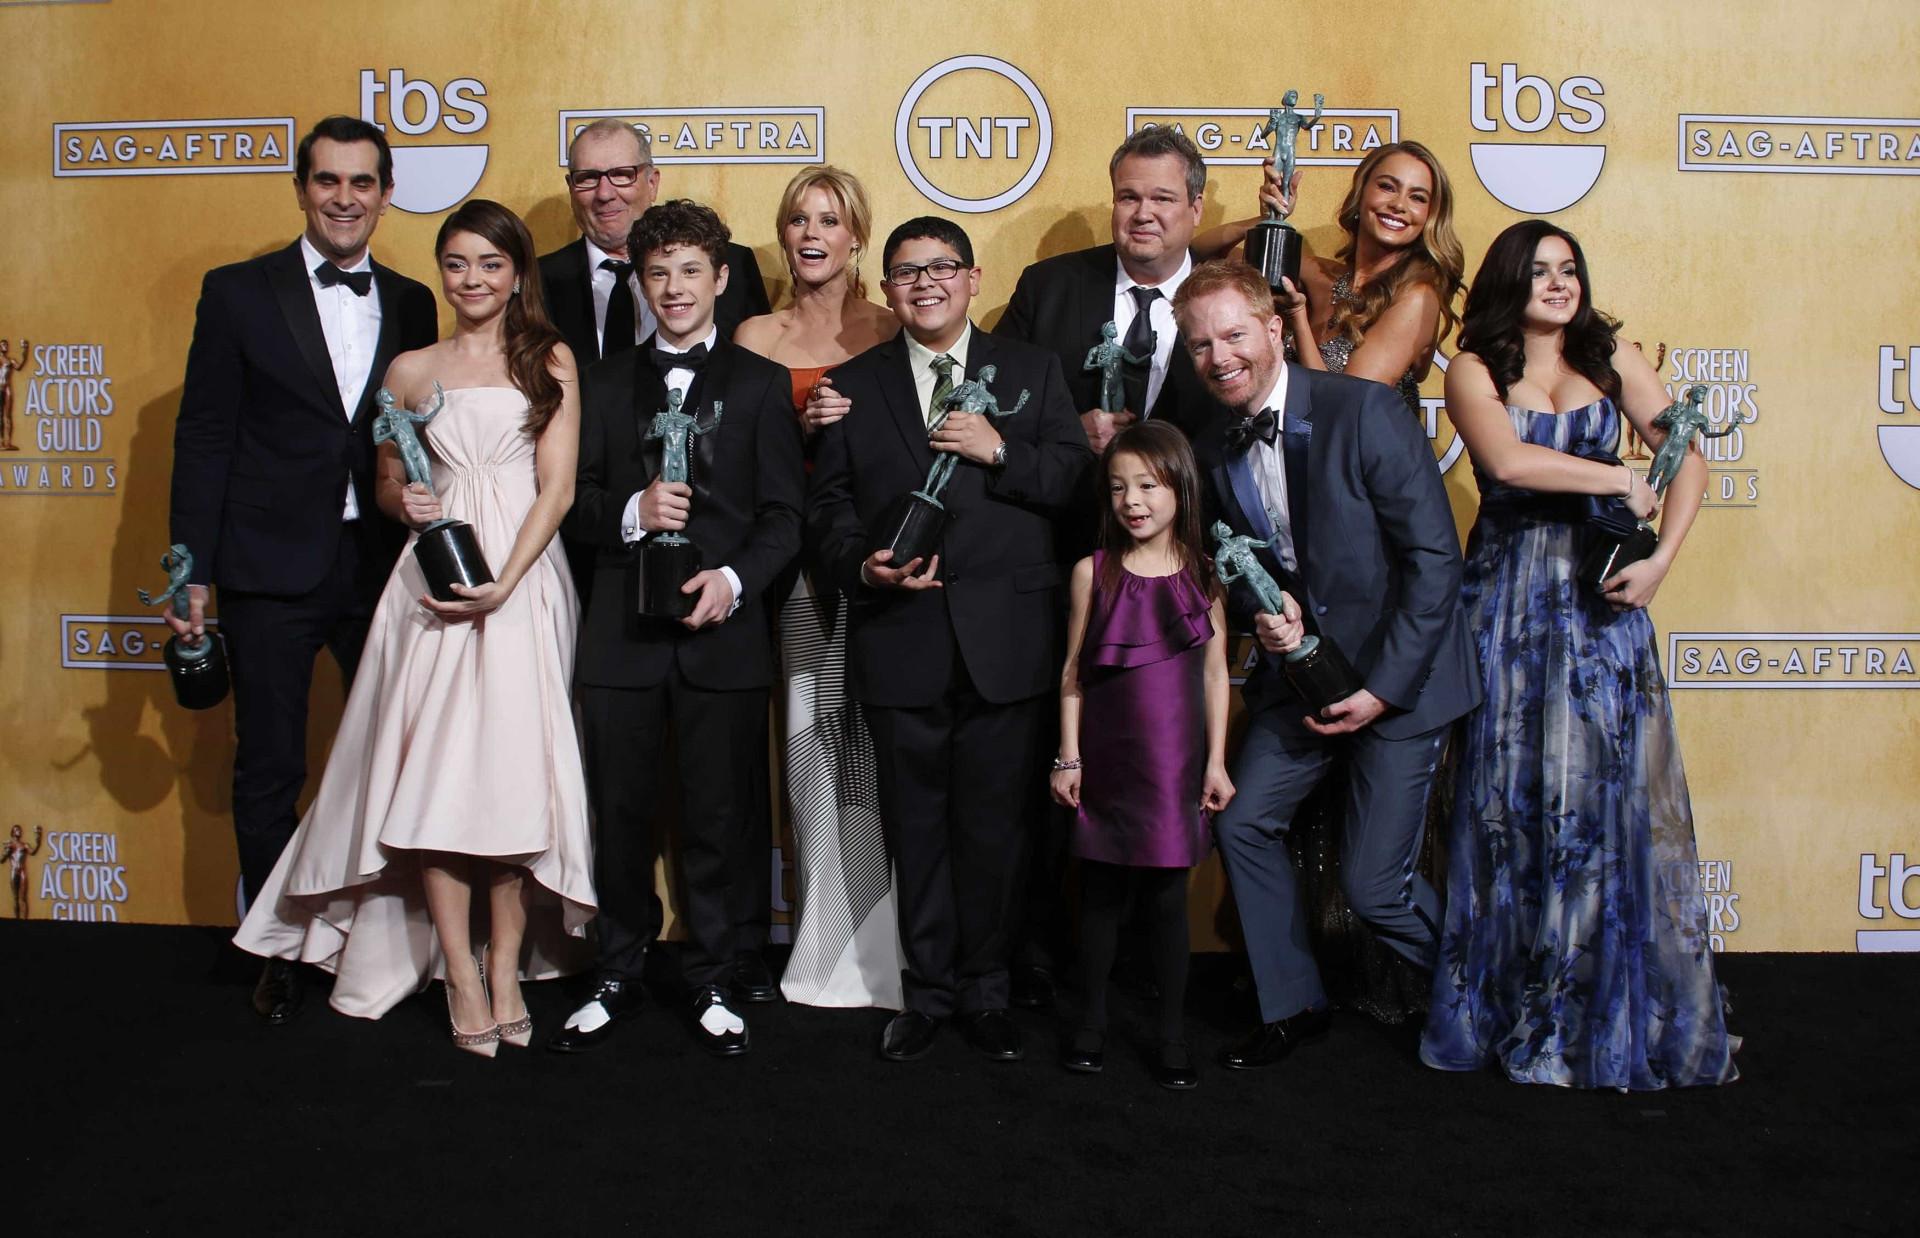 'Golpada Americana' abre alas para Óscares nos SAG Awards